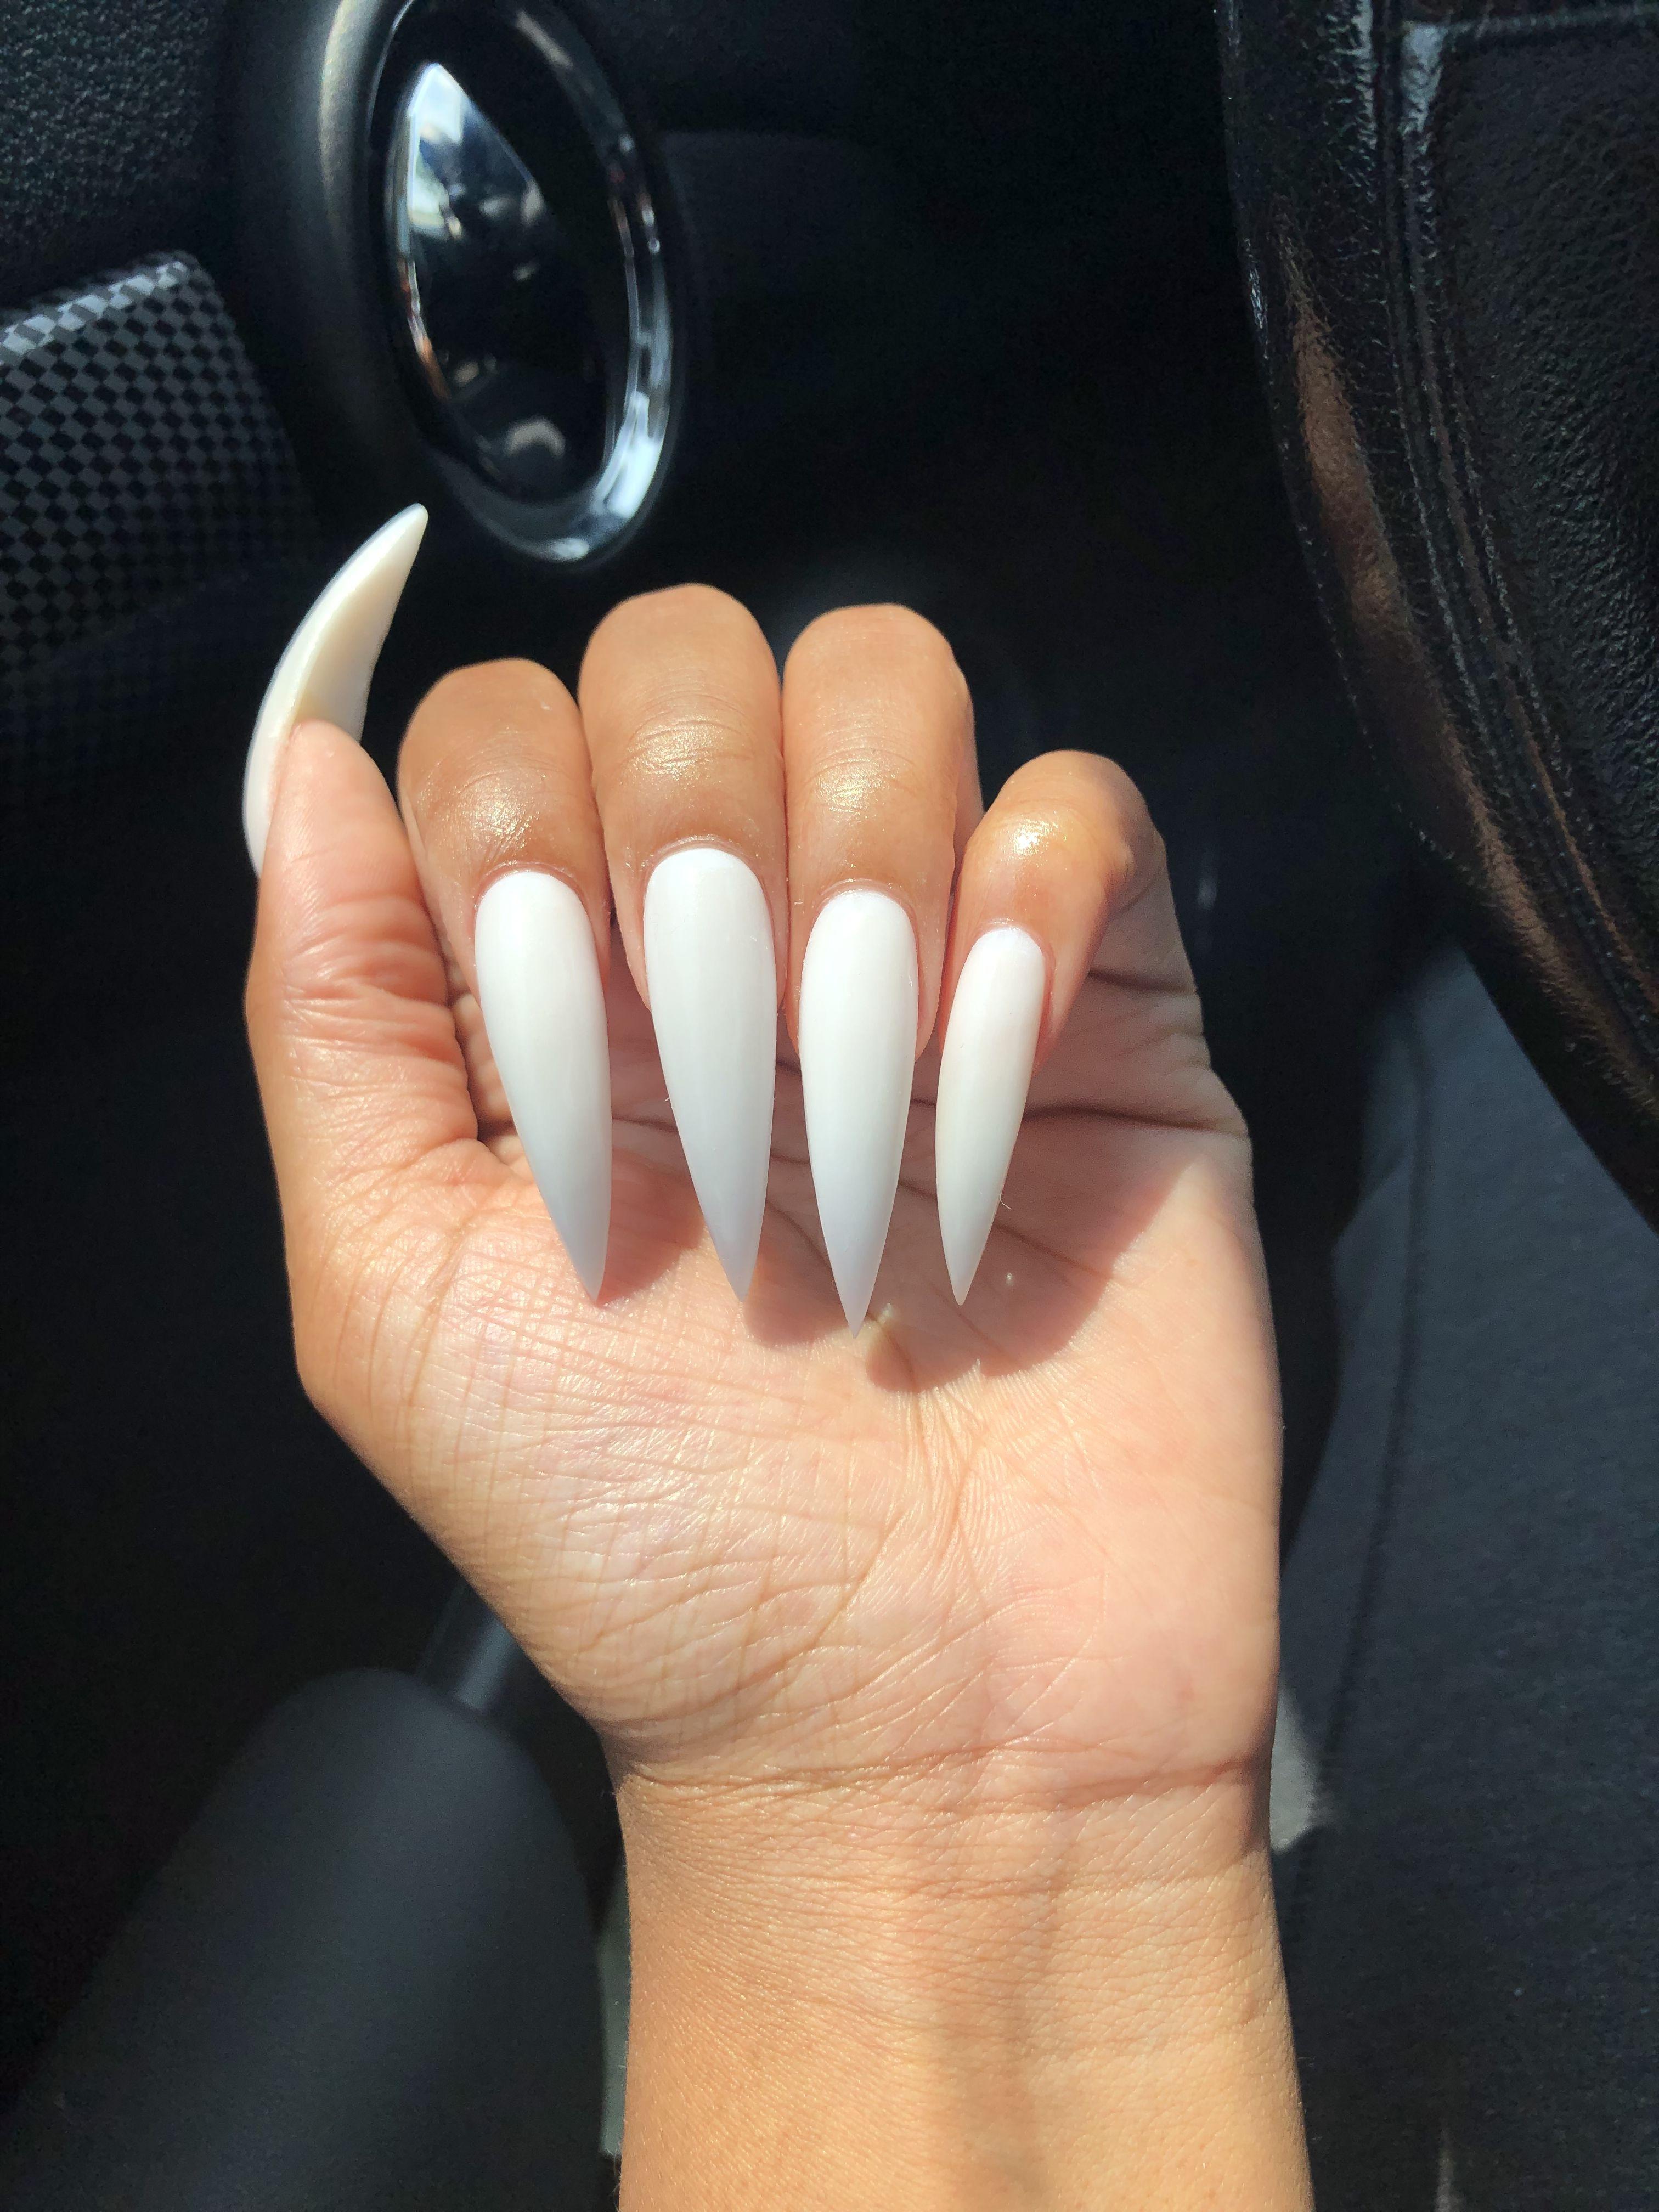 Long White Acrylic Nails White Acrylic Nails Acrylic Nails Stiletto White Stiletto Nails